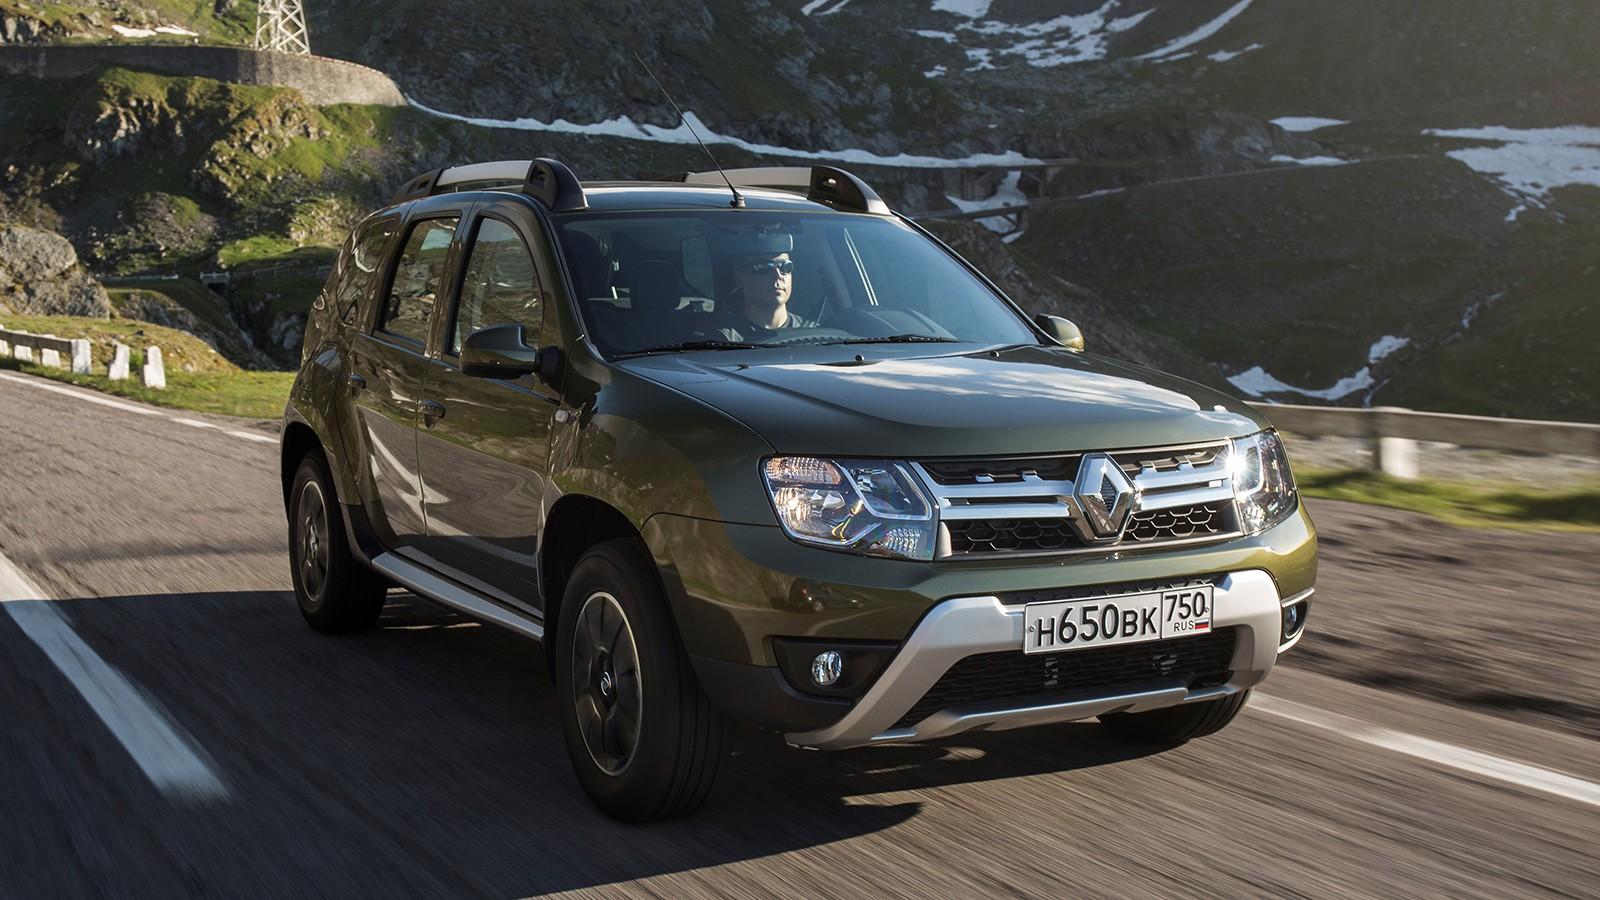 Renault_69455_ru_ru[1]